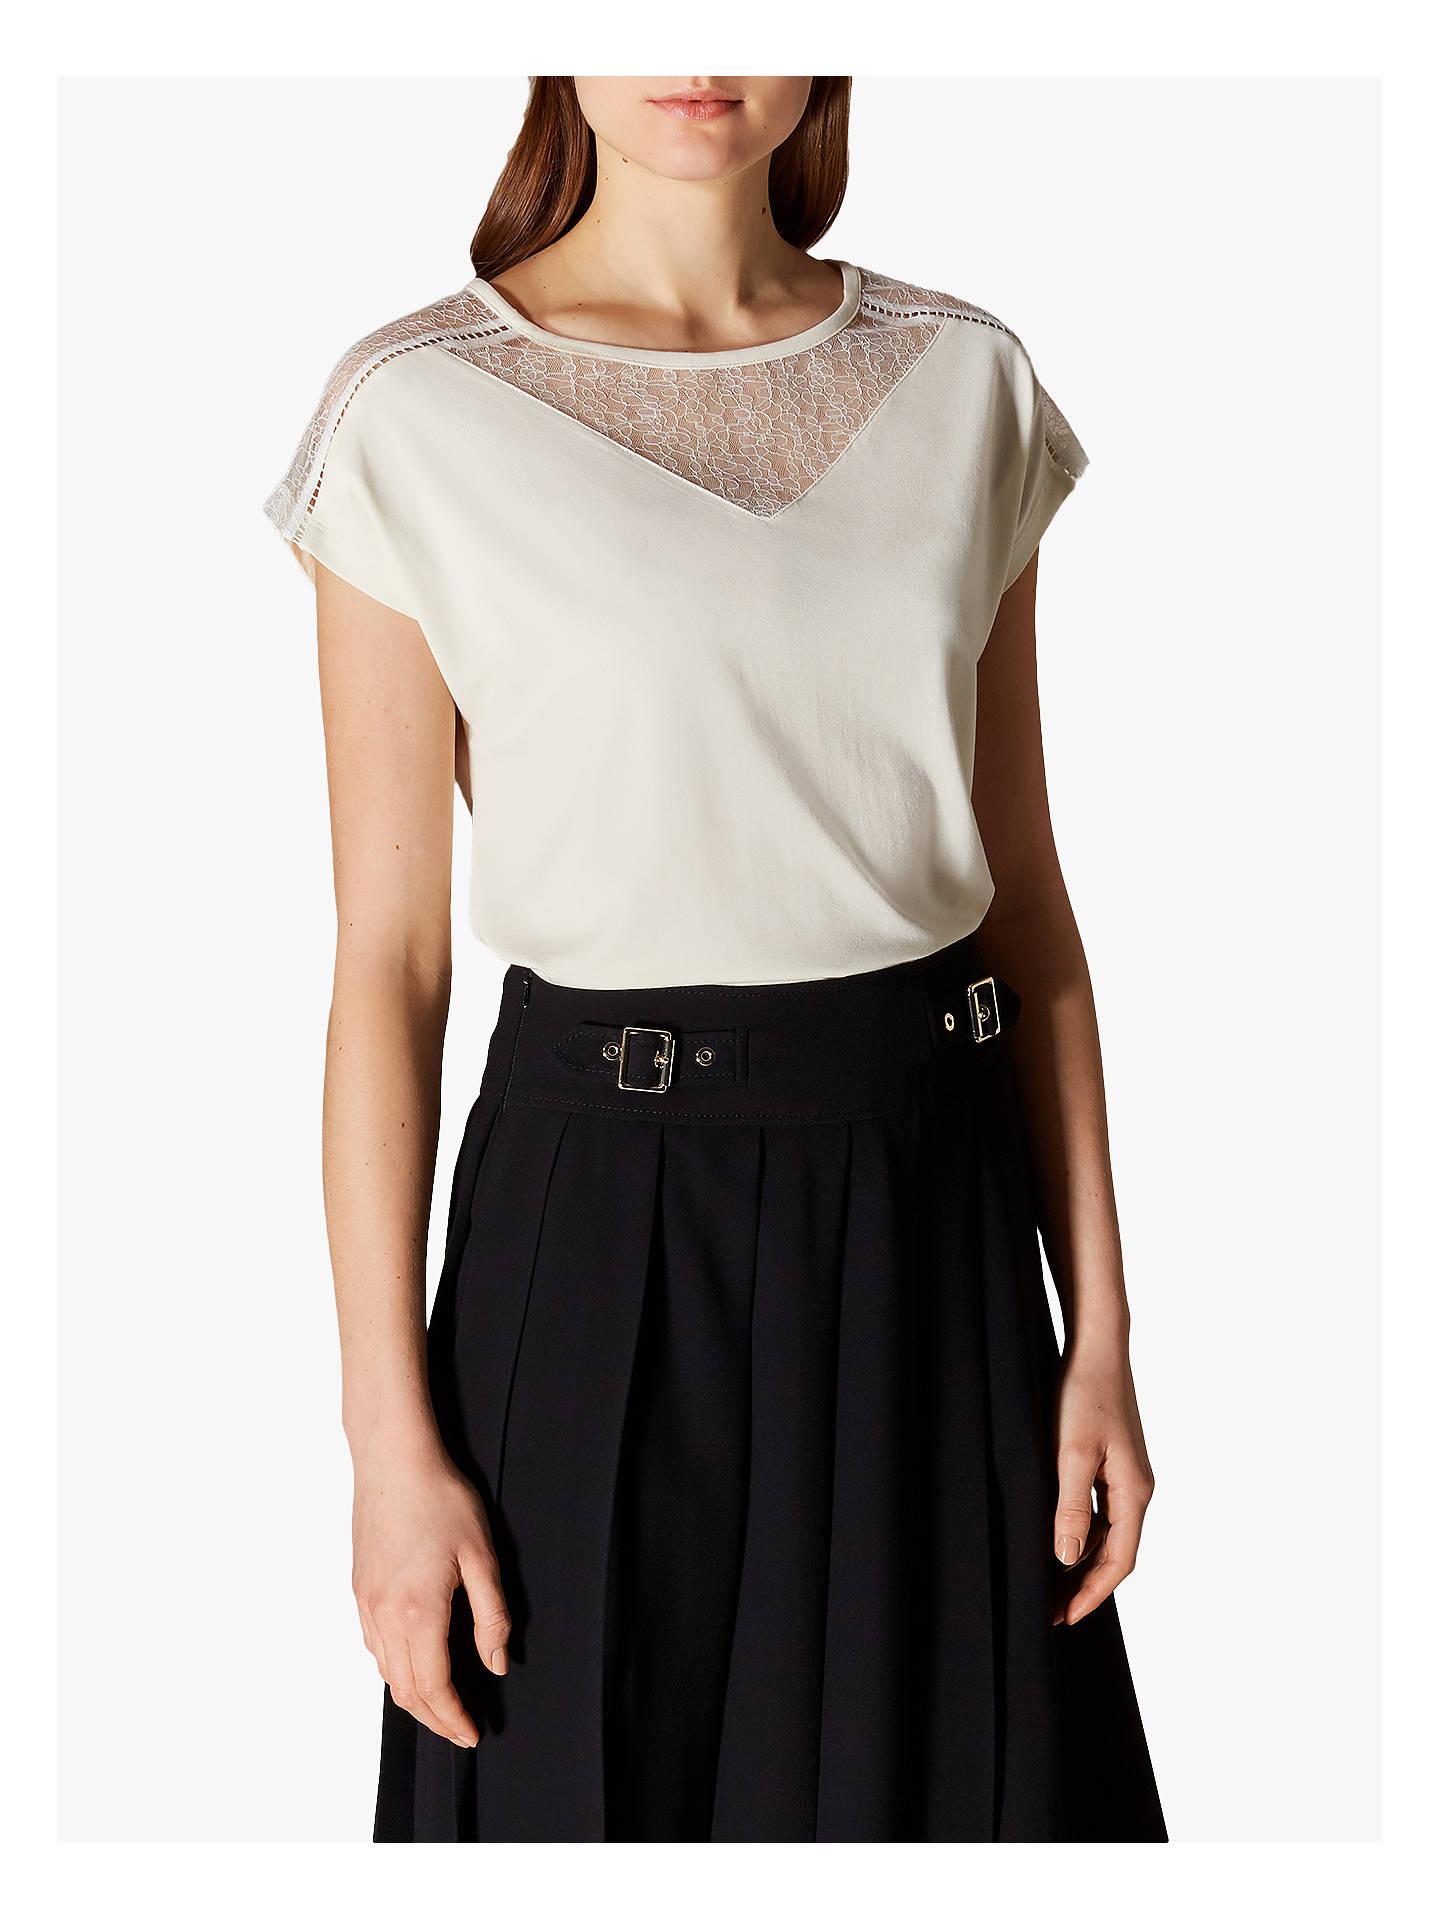 07ceb133 Buy Karen Millen Lace Panel T-Shirt, Ivory, 8 Online at johnlewis.